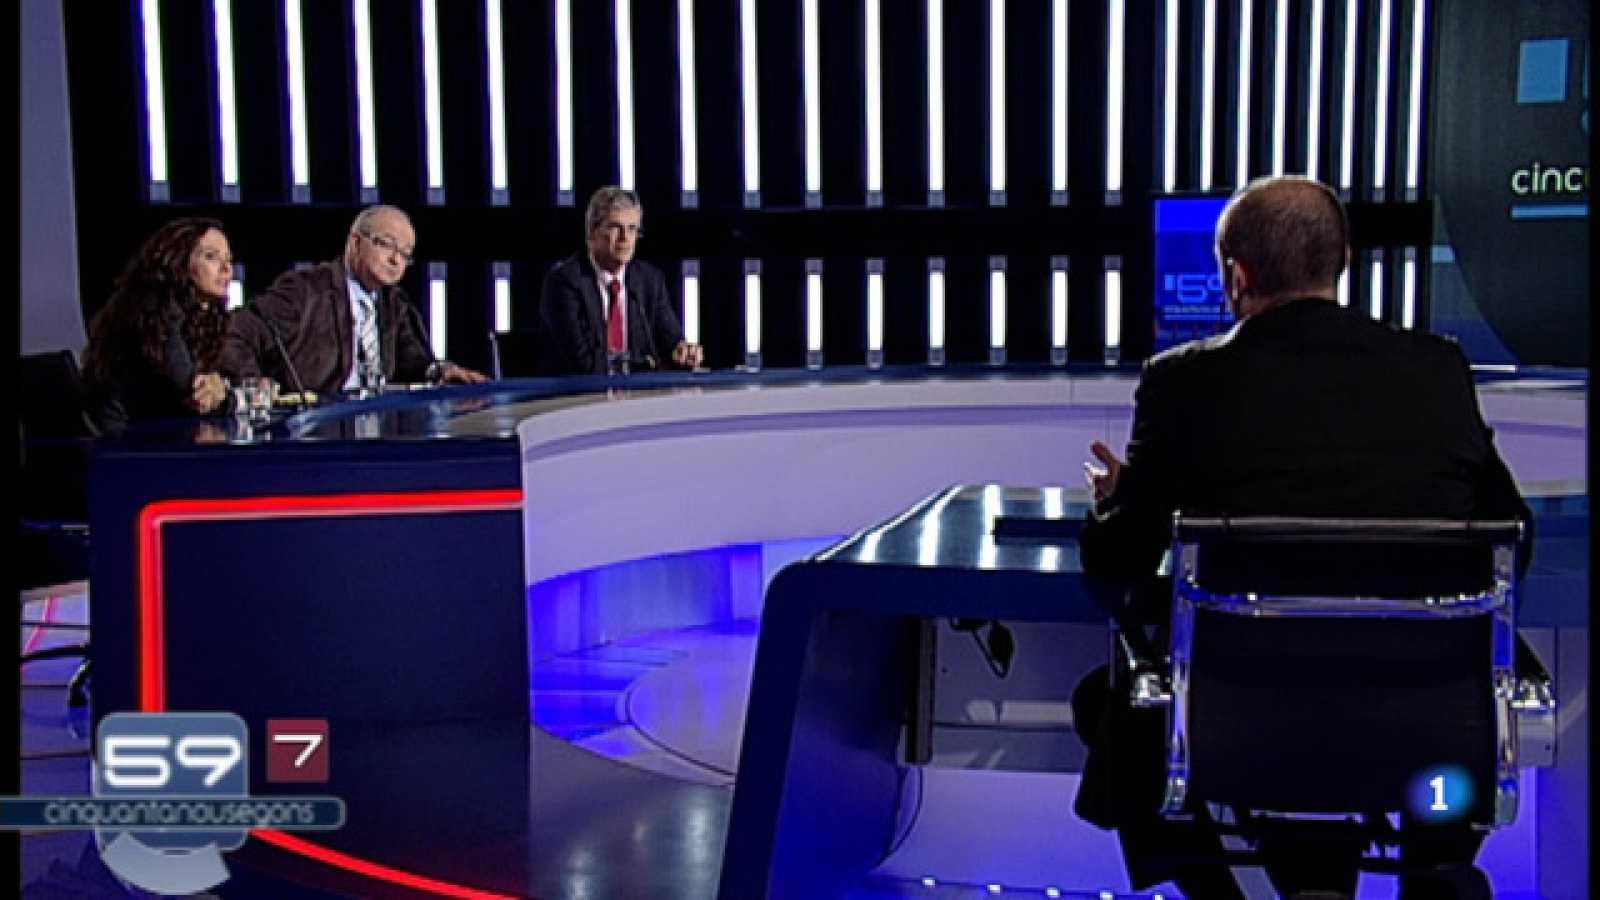 """A la segona part """"59 segons"""" també analitzarà la resta de l'actualitat política i social, fent especial esment a la presentació de la candidatura de Carme Chacón per liderar el PSOE"""